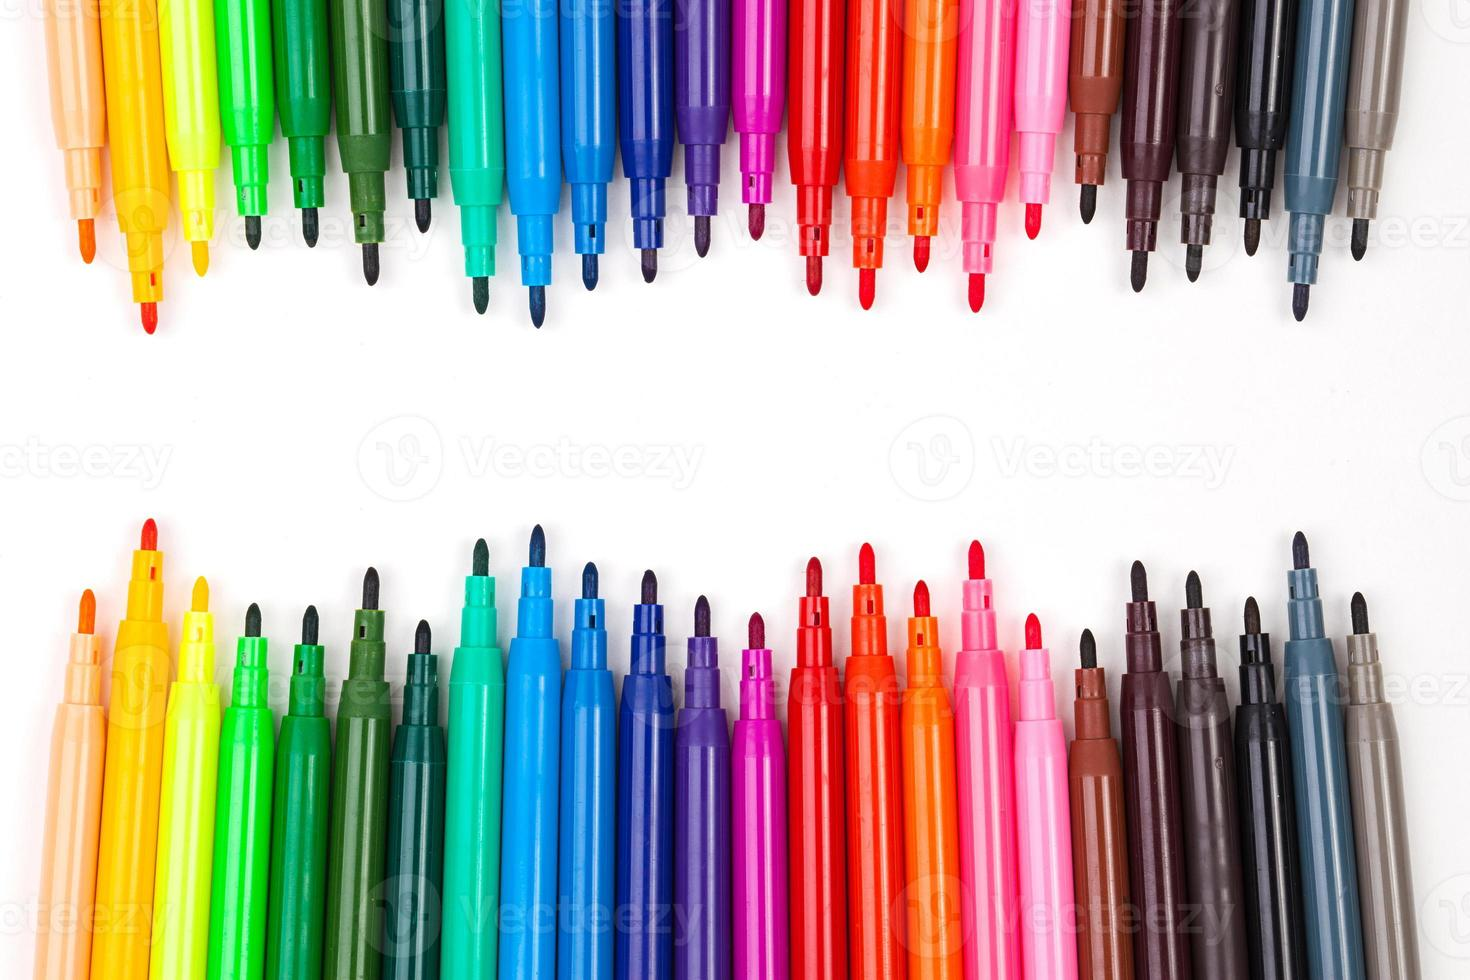 bolígrafo de color foto